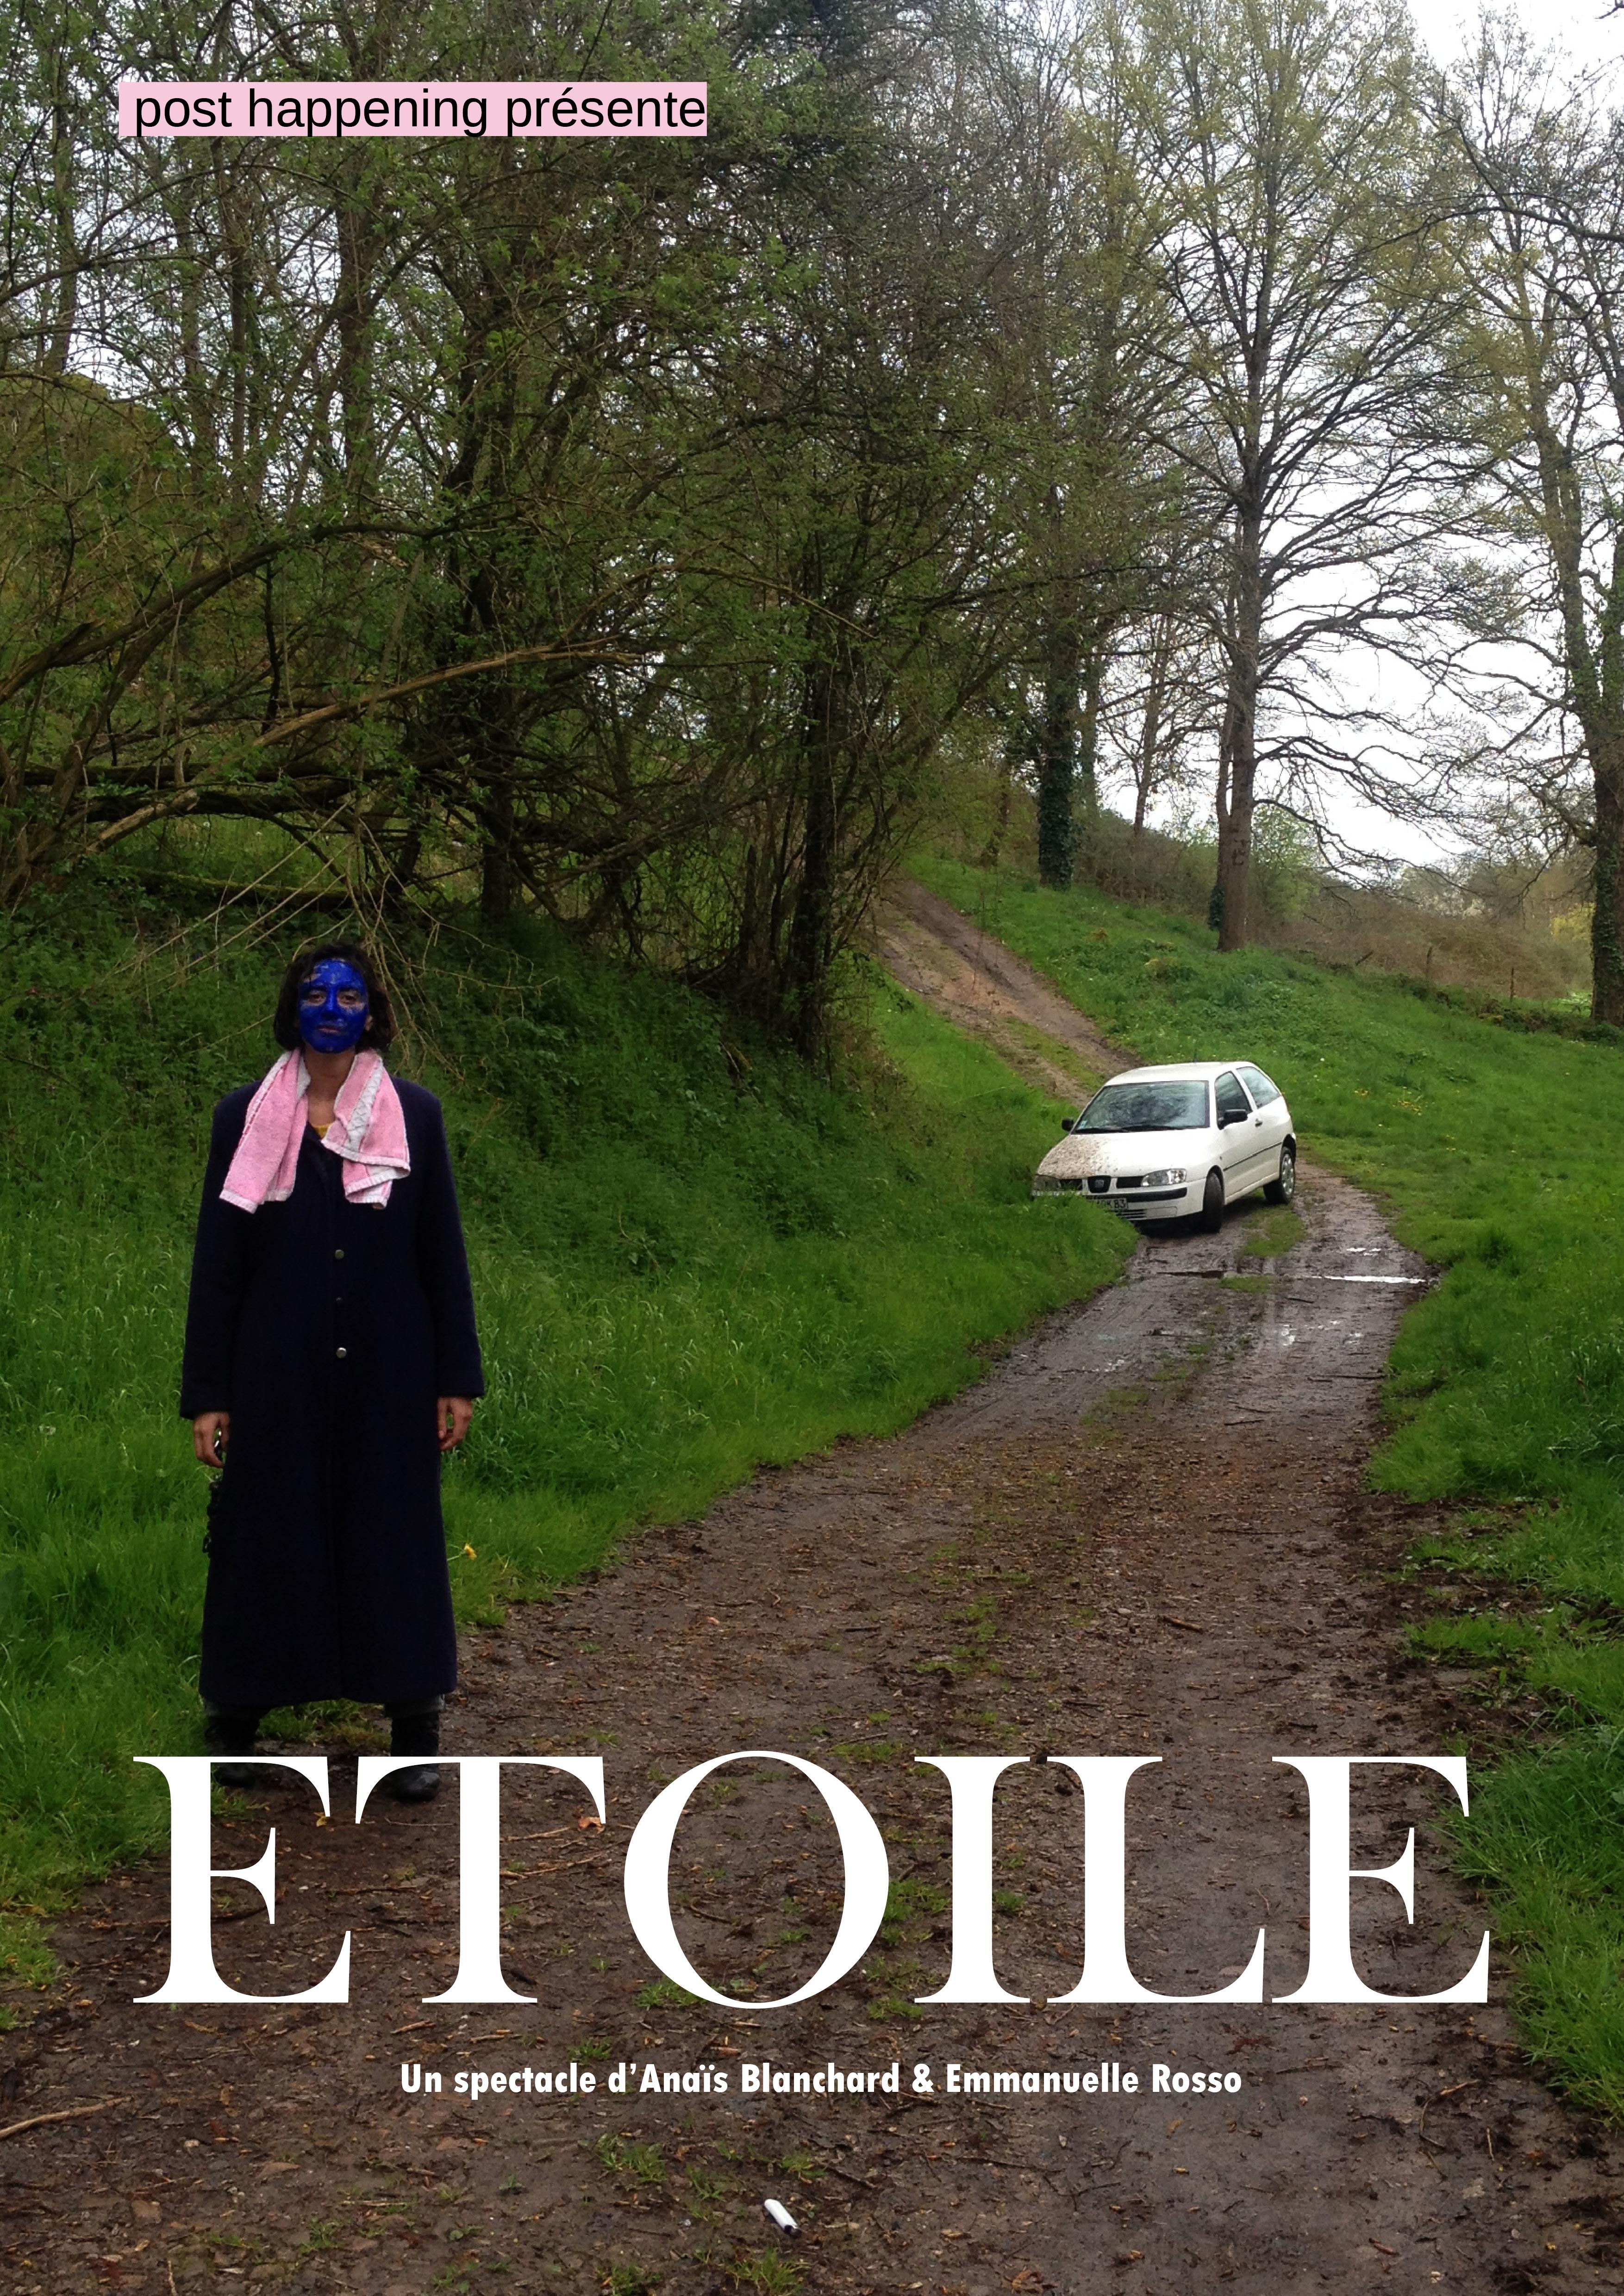 anaïs blanchard / emmanuelle rosso / Artiste Plasticienne / Troupe Erratum / Blue Theater Project